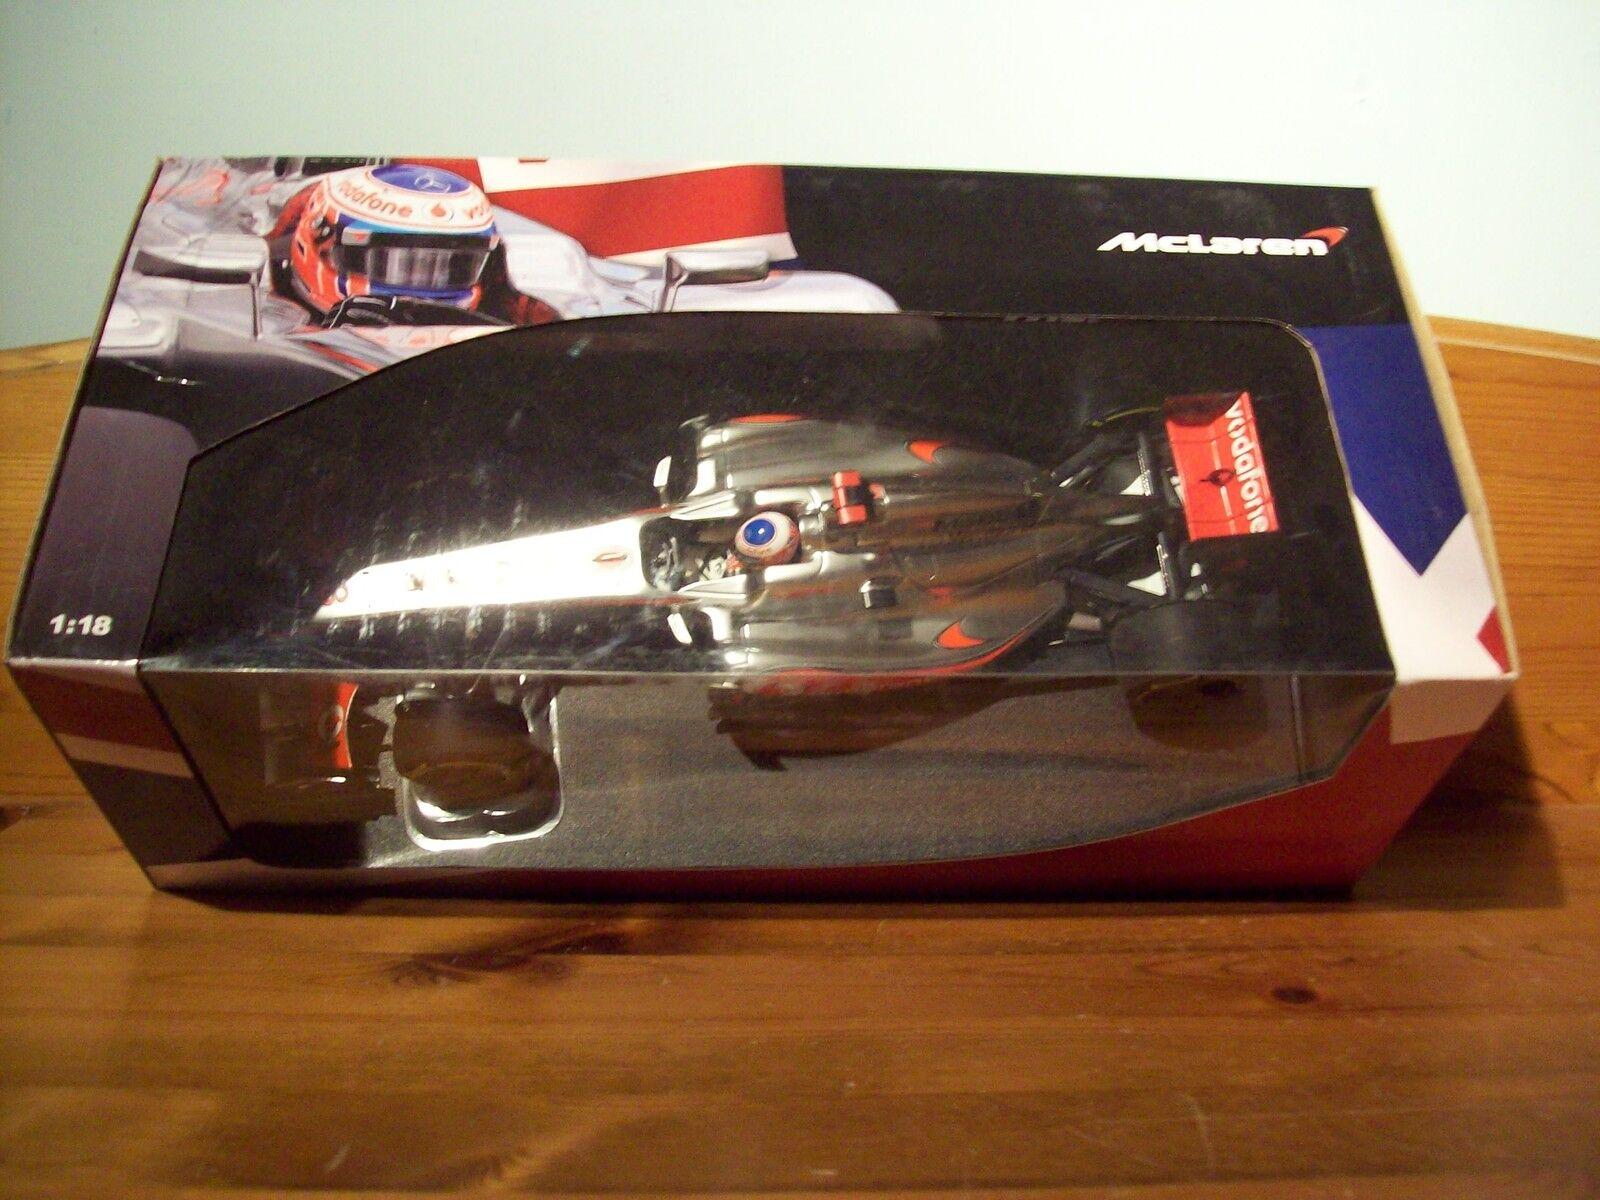 spedizione veloce in tutto il mondo 1 18 McLaren mostrareauto mostrareauto mostrareauto Vodaphone MERCEDES 2012 Jenson Button British GP 2012  designer online